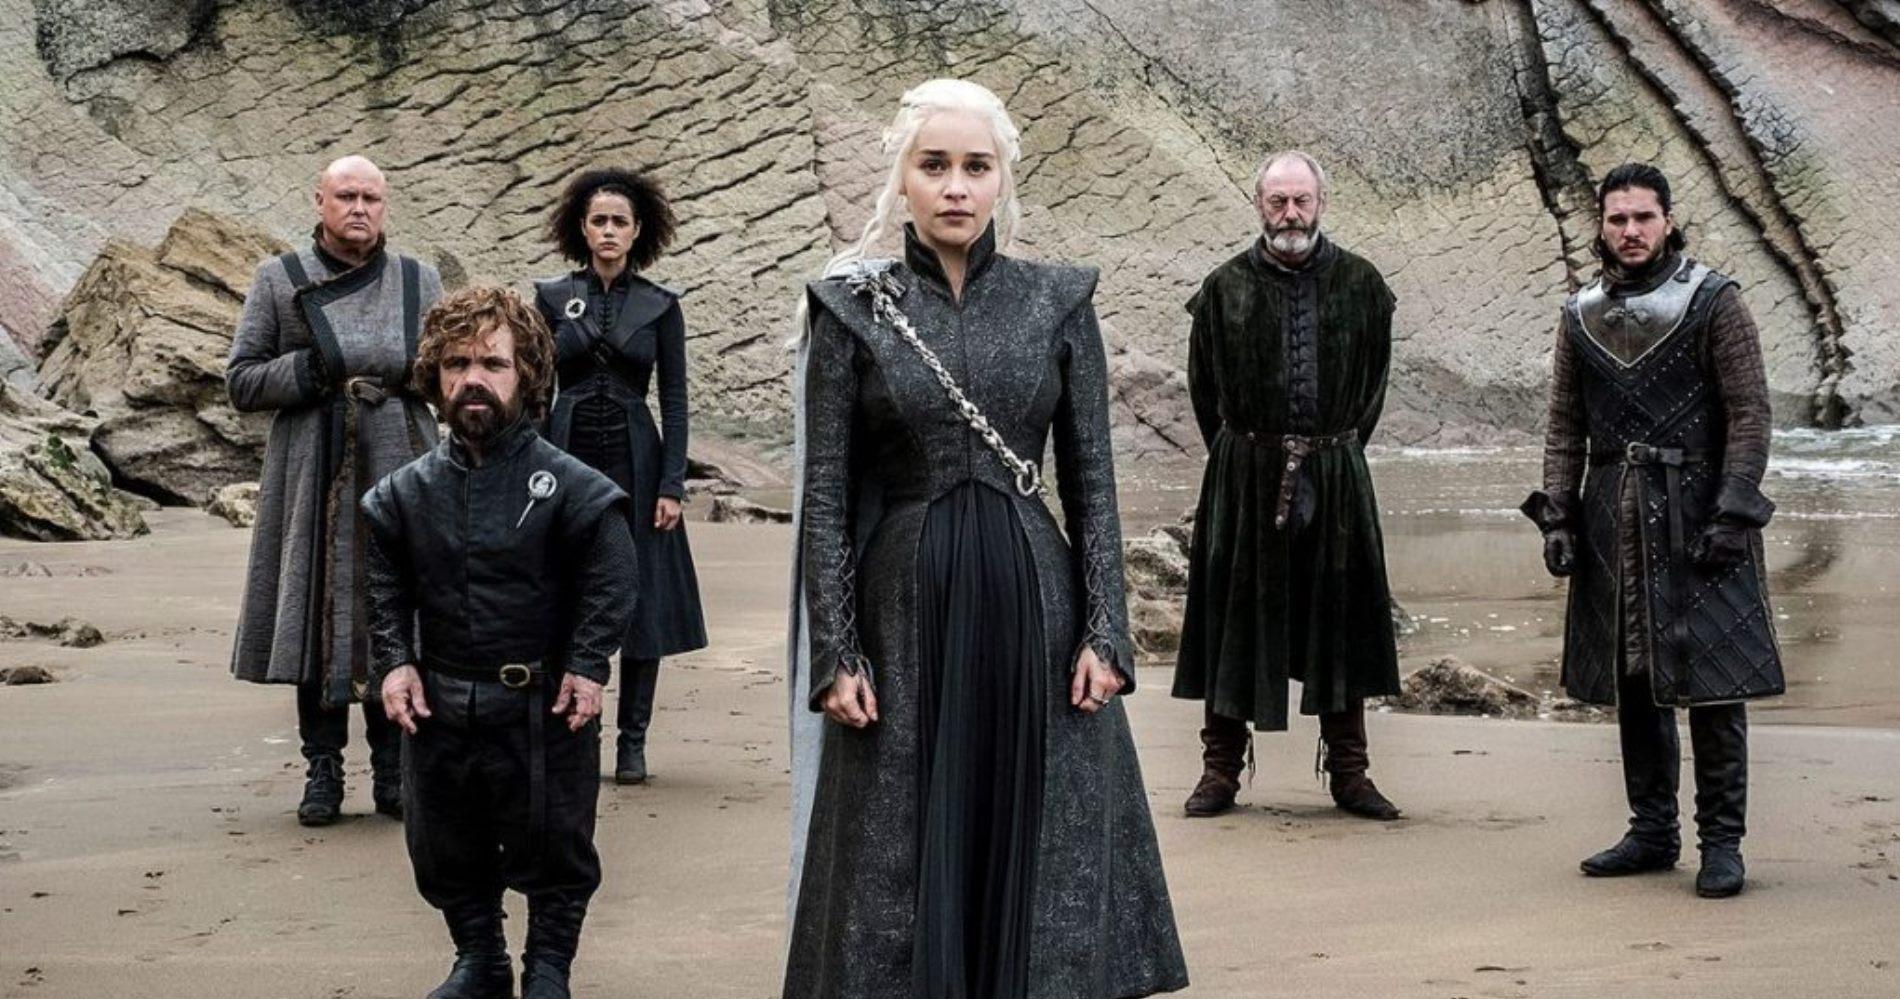 """<span class=""""entry-title-primary"""">I cinque personaggi che vorremmo sopravvivessero in Game of Thrones</span> <span class=""""entry-subtitle"""">È arrivato il momento di salutare Game of Thrones. Ecco i cinque personaggi che non vorremmo perdere. </span>"""